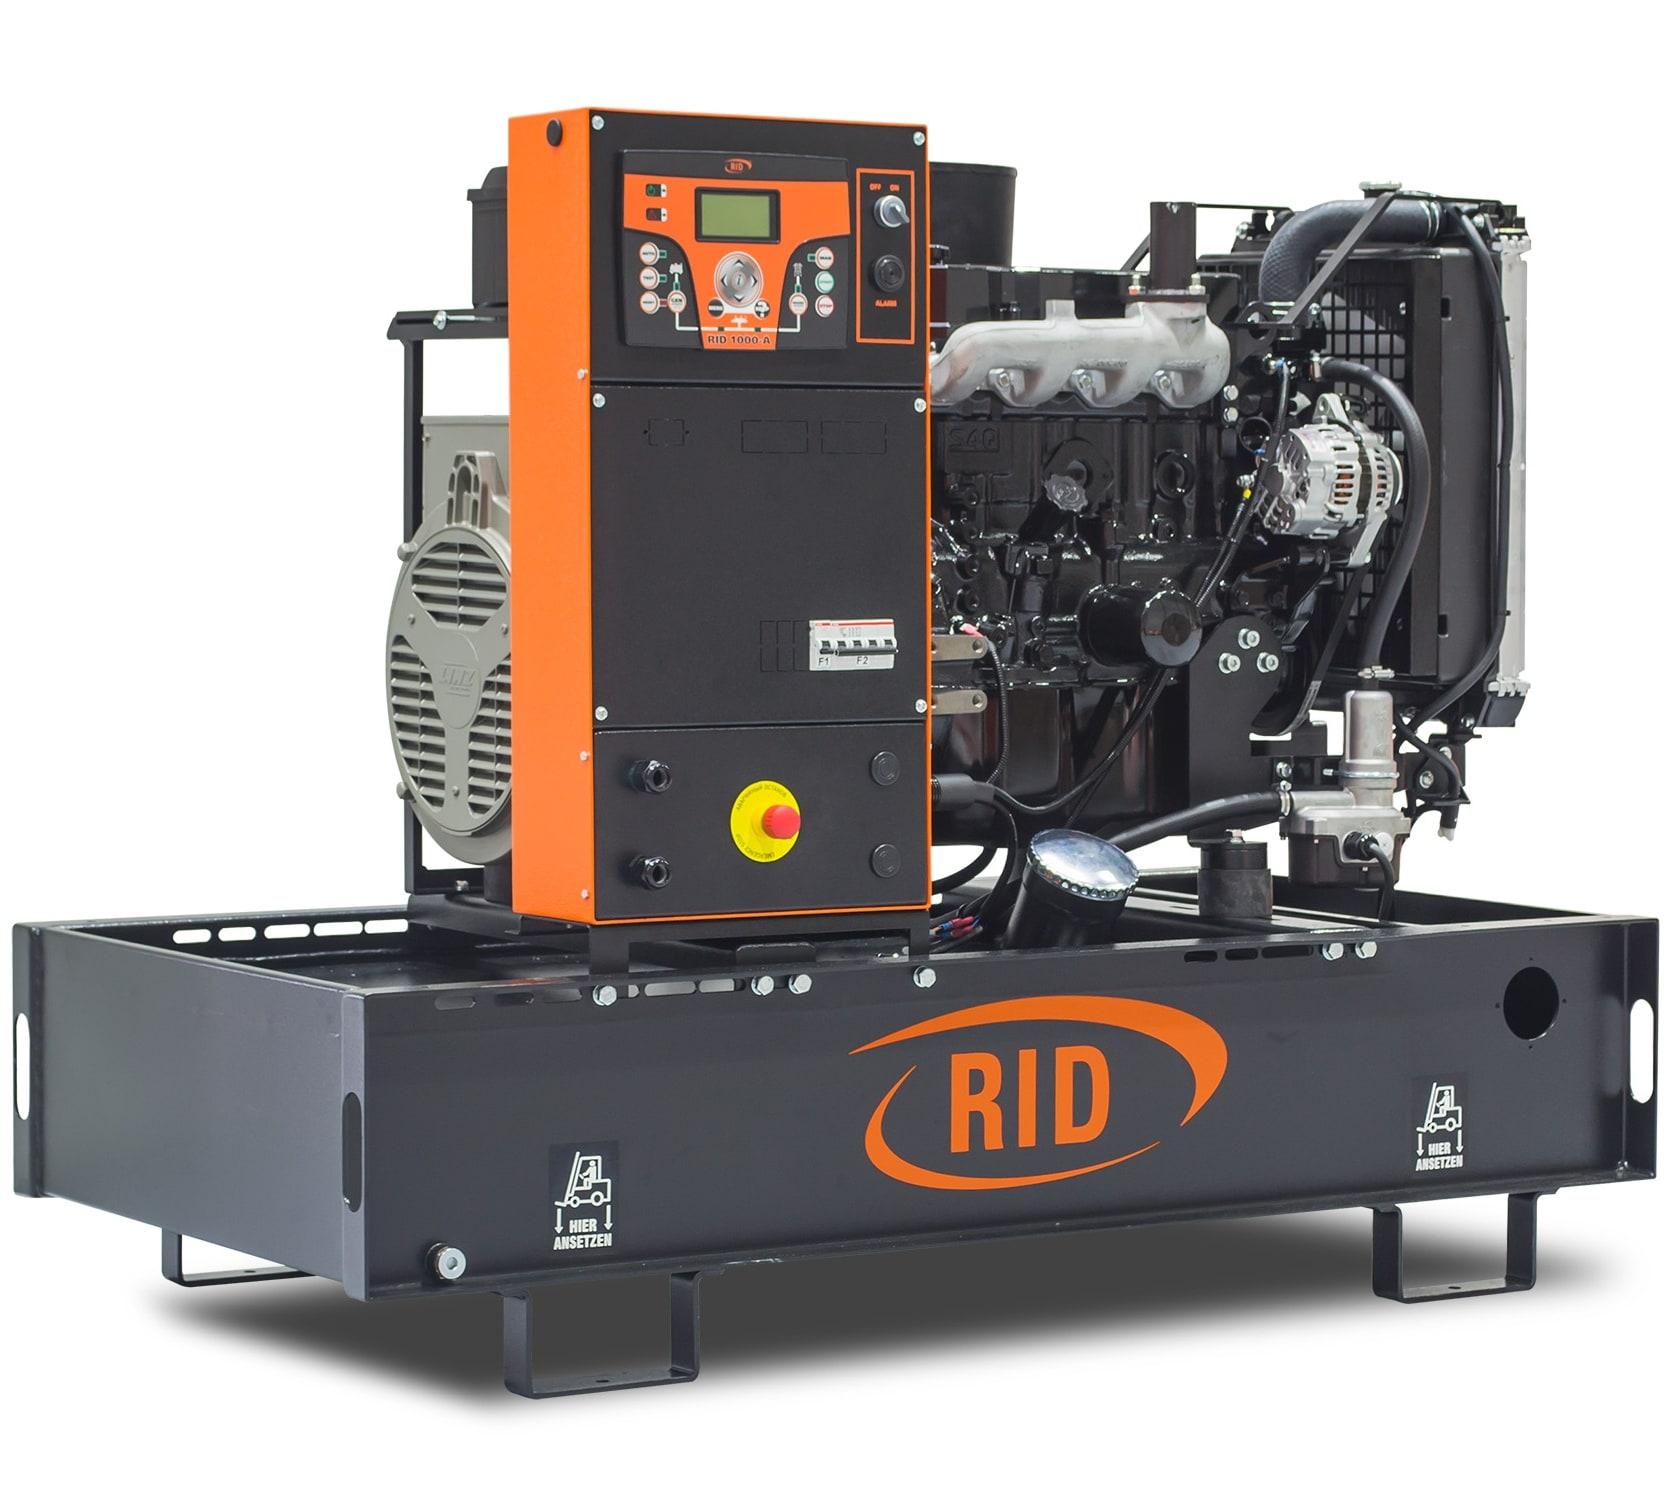 дизельная электростанция rid 20/1 e-series